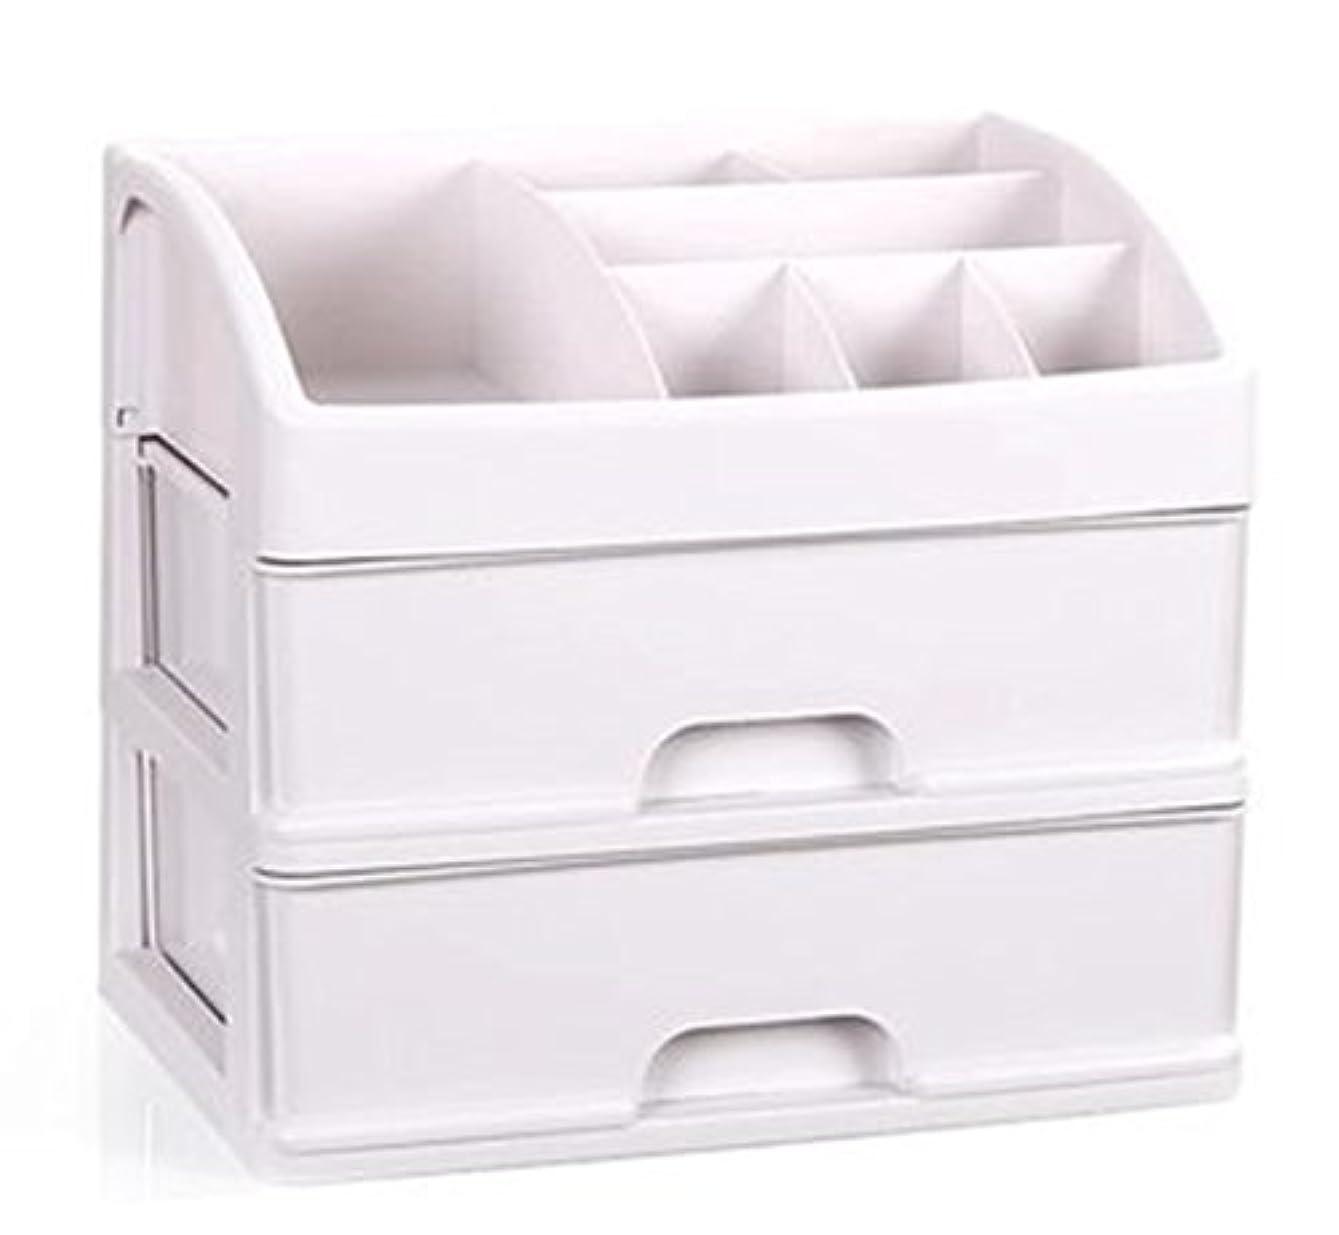 論争的定期的ハッチZUOMAメークボックス 化粧品収納ボックス コスメスタンド 引き出し式 メークケース 小物/化粧品入れ コスメ収納 透明アクリル 大容量 (ホワイト34*25*29CM(2層))